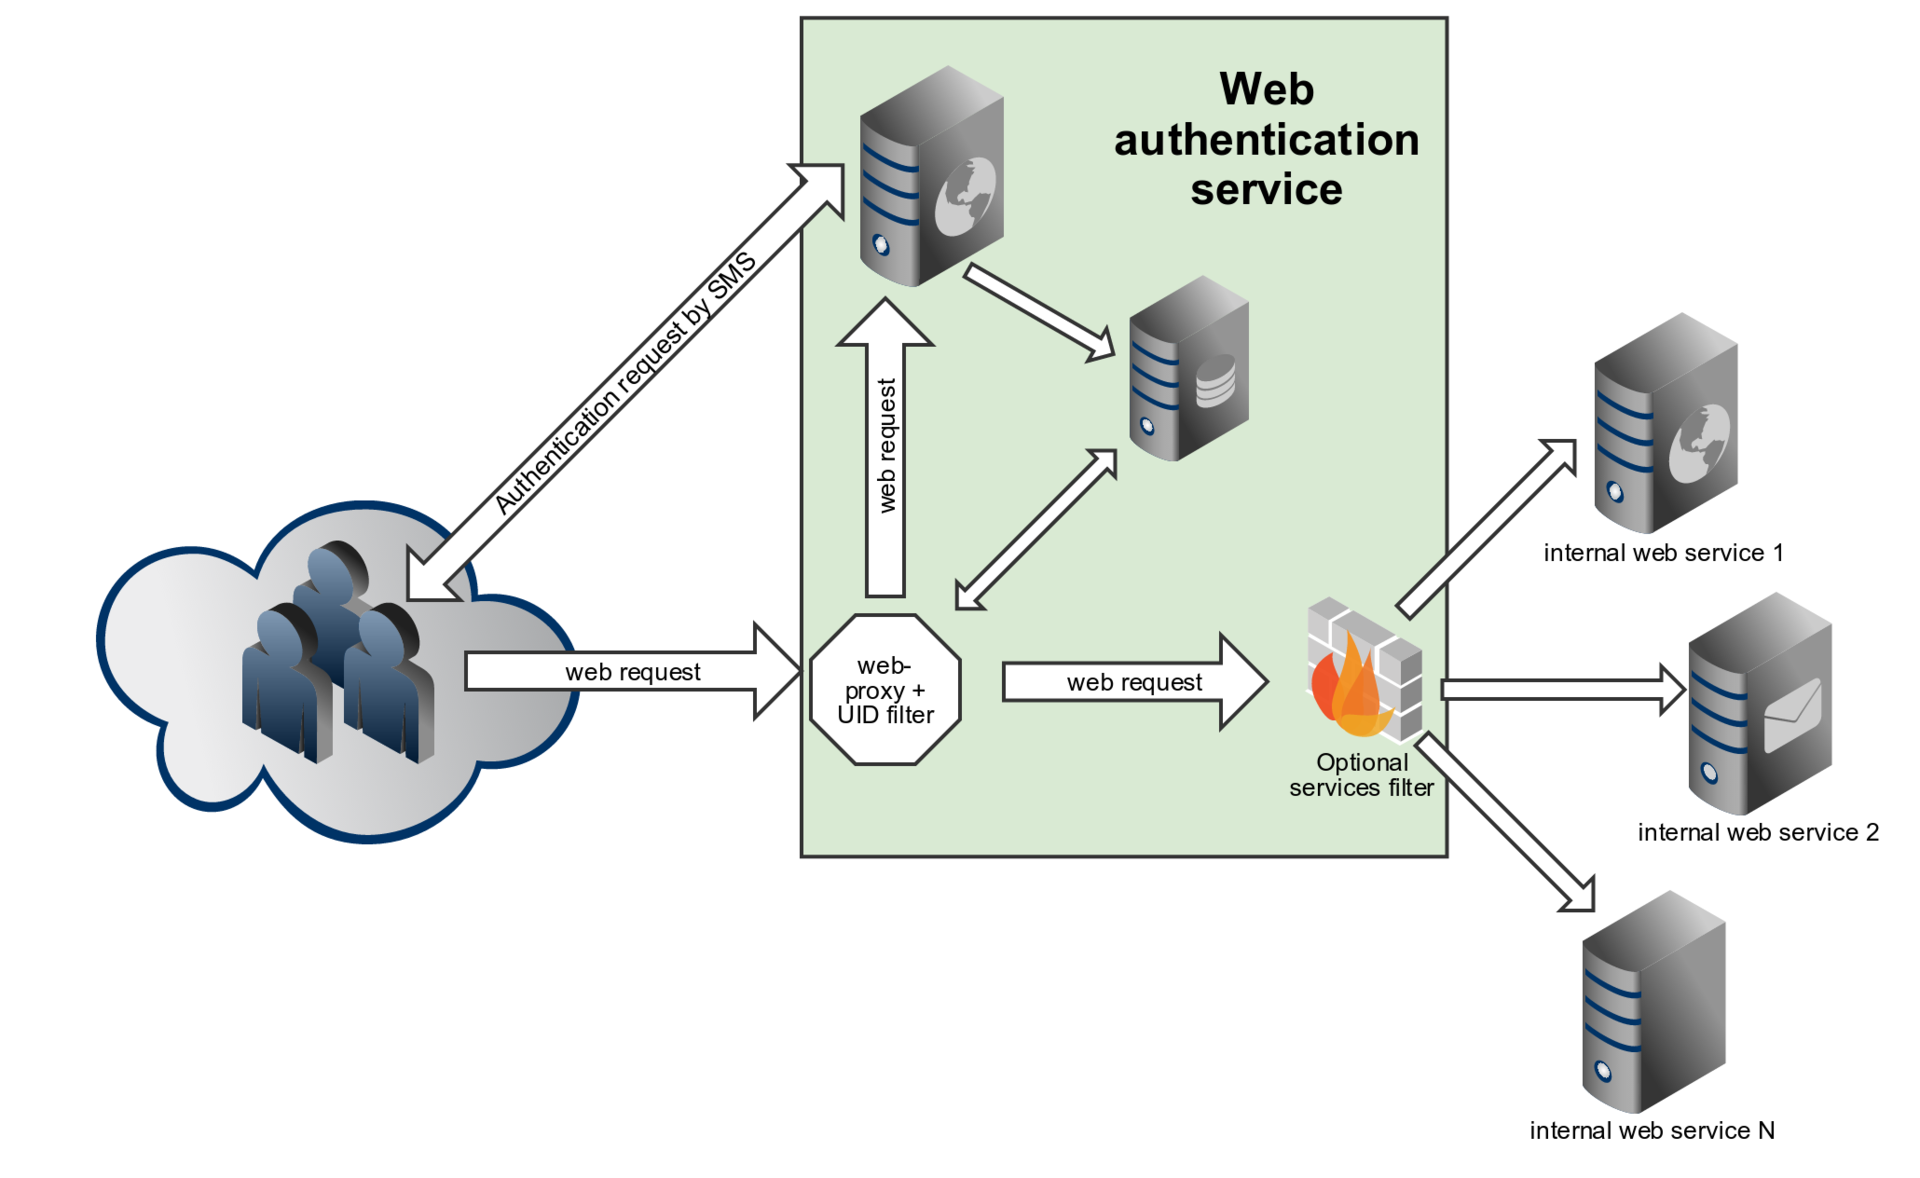 Двухфакторная аутентификация для корпоративных веб-сервисов - 2